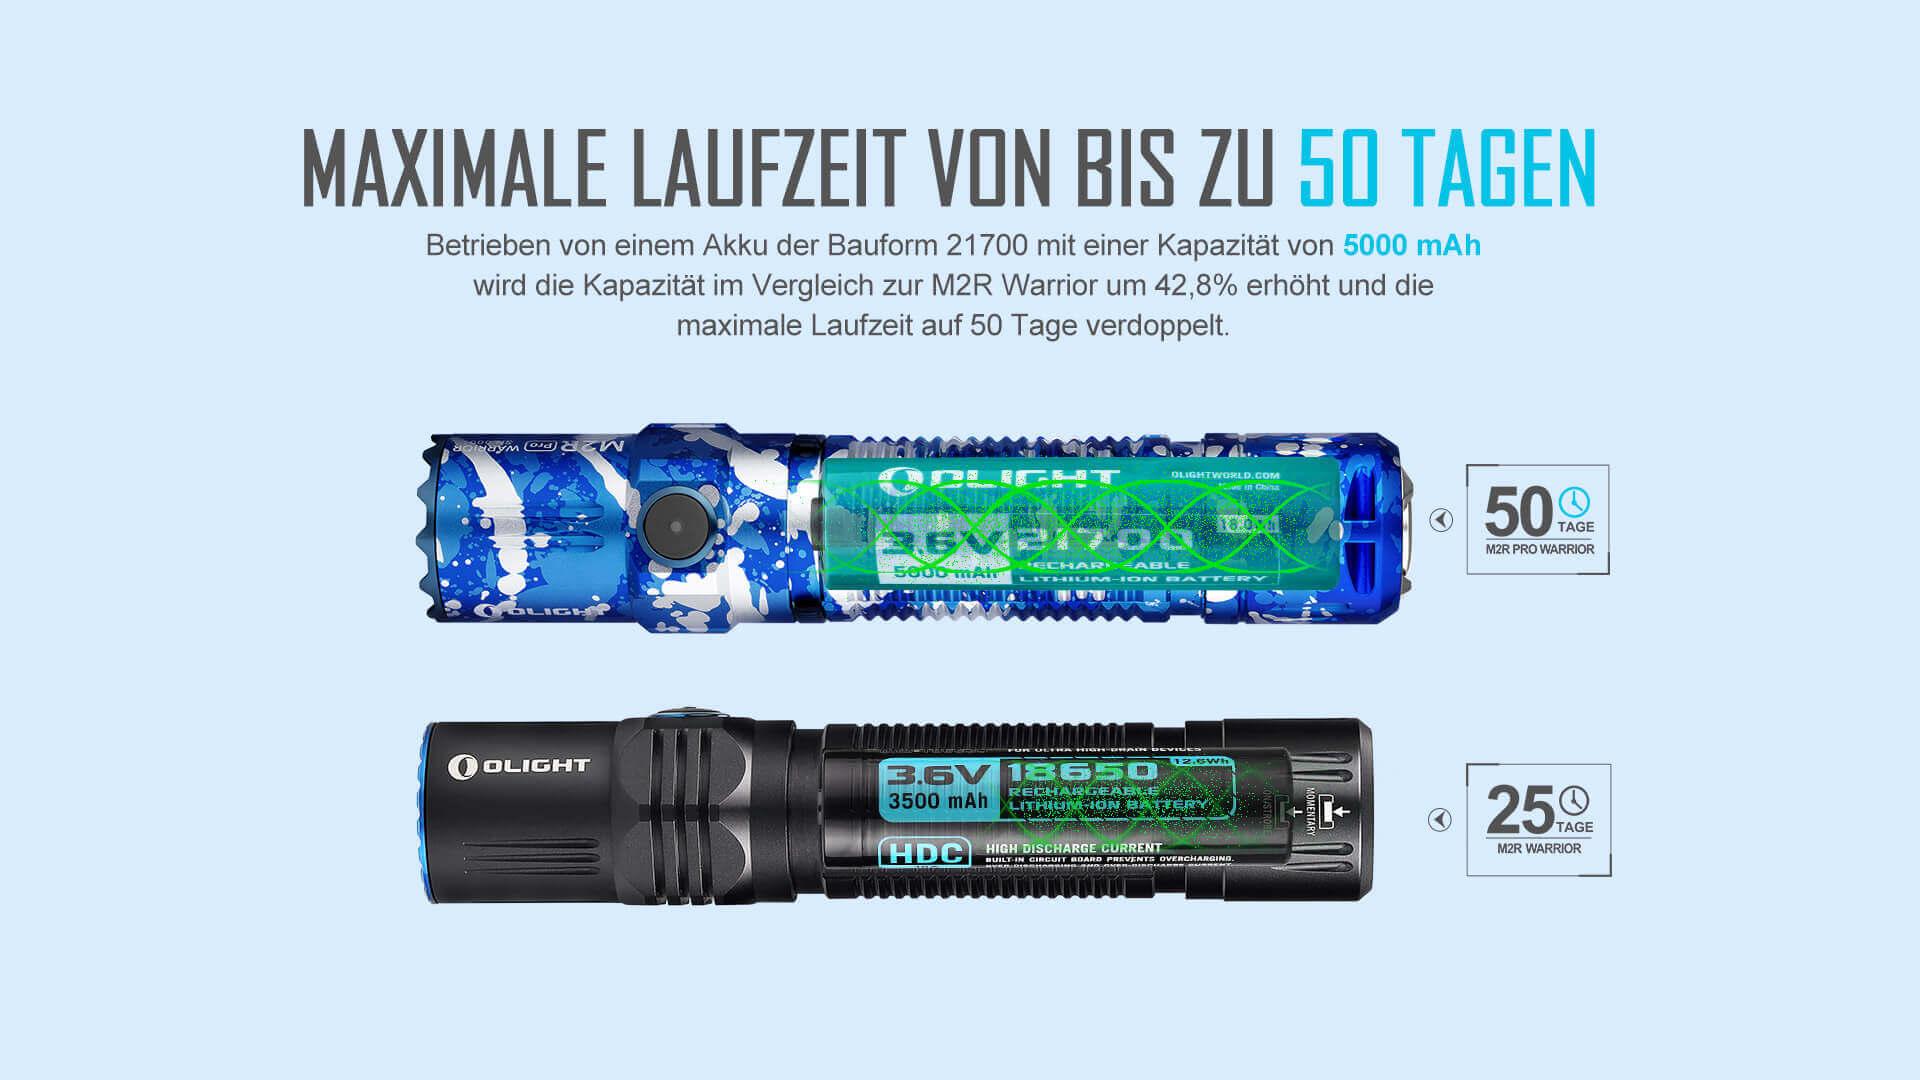 Olight M2R Pro Taschenlampe mit dem magnetischen USB-Ladekabel